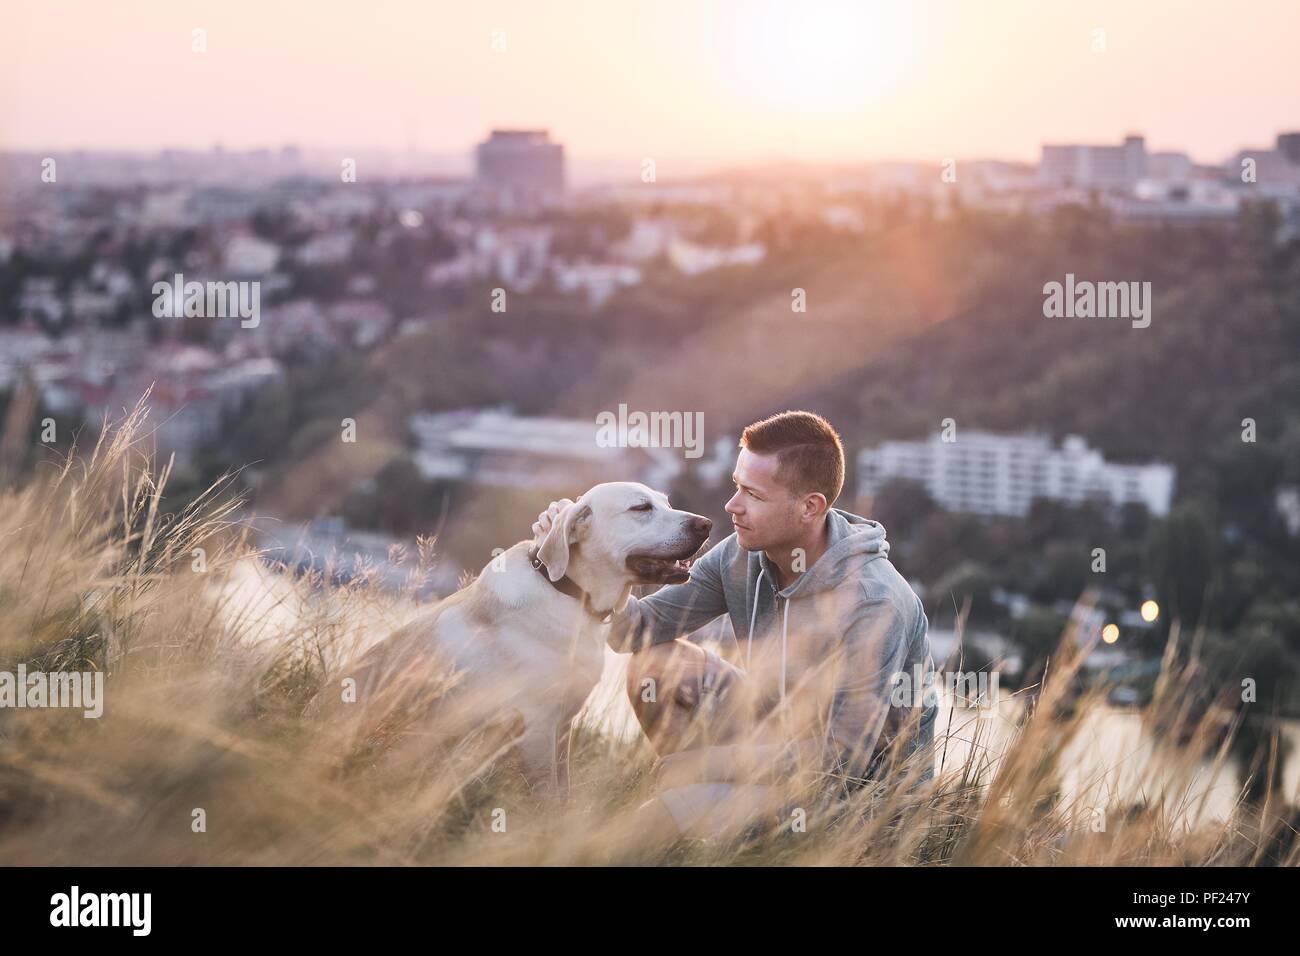 Passeggiata mattutina con il cane. Il giovane e la sua labrador retriever sul prato contro la città di sunrise. Immagini Stock